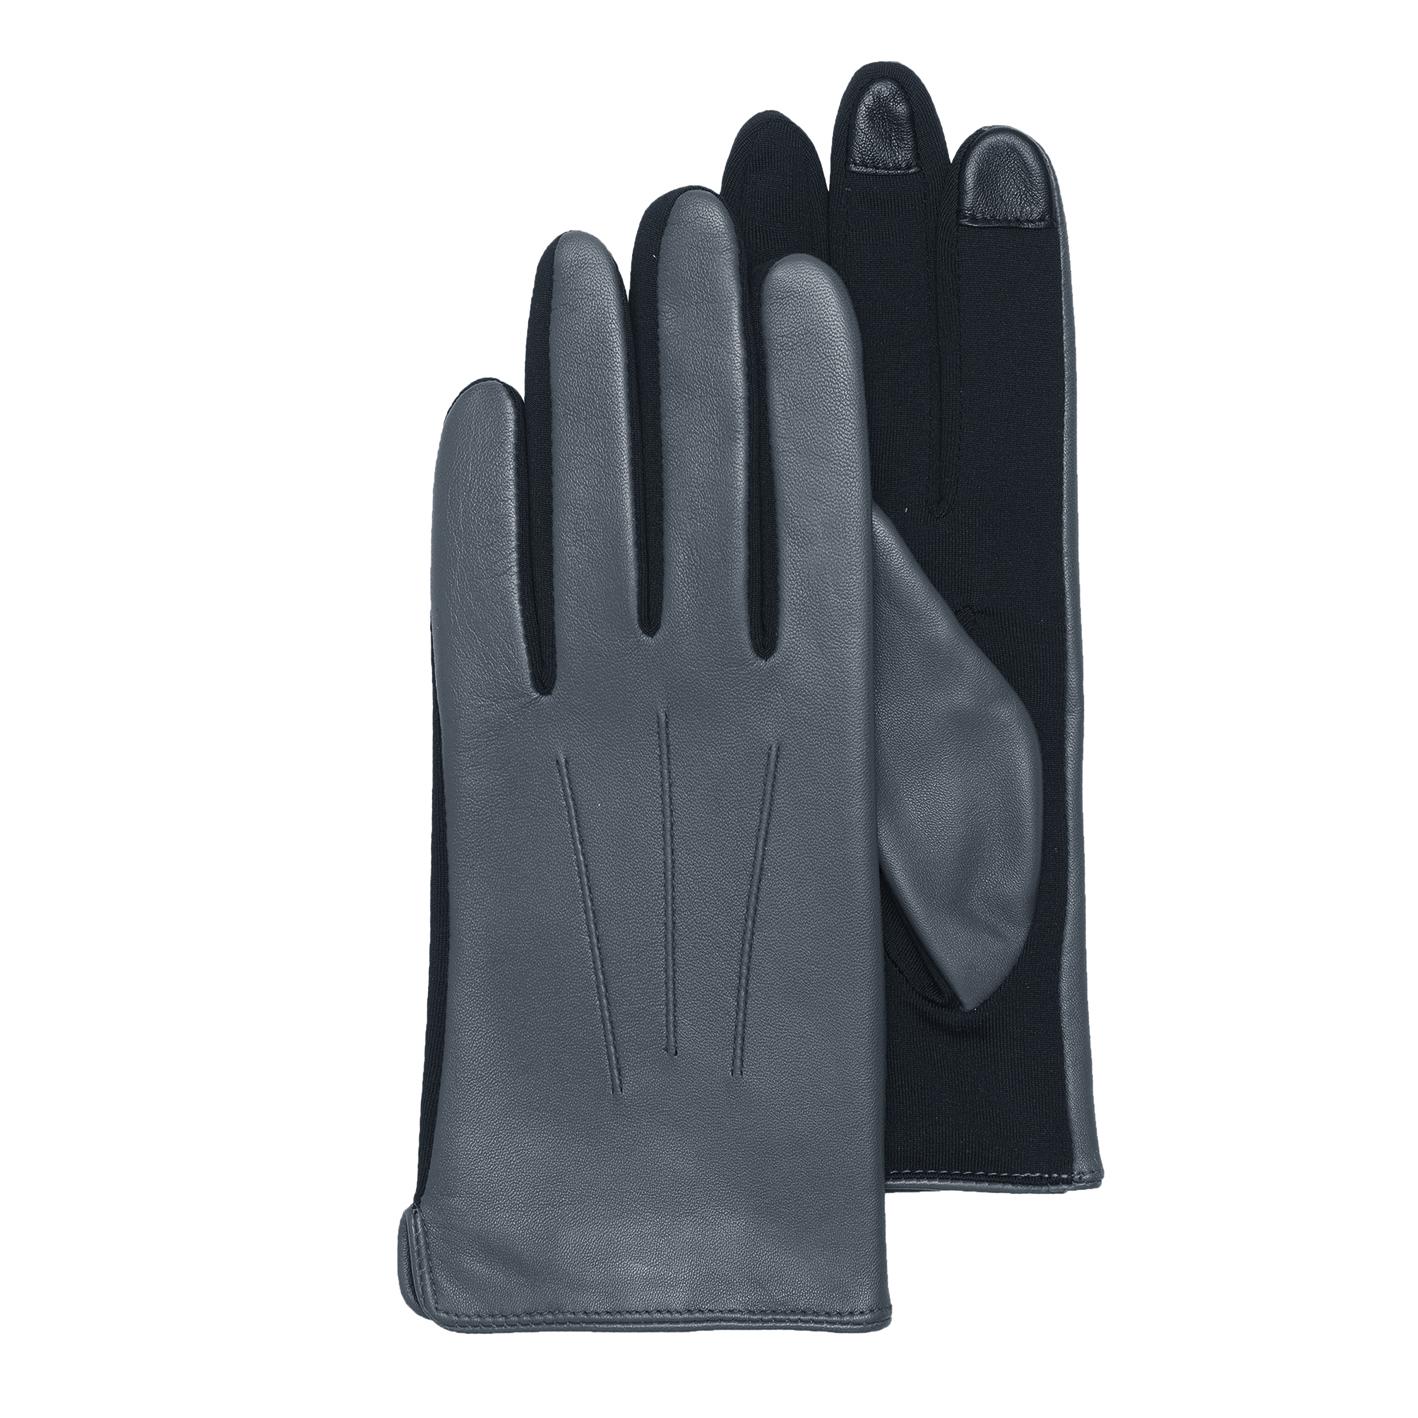 Mia Driver's Glove anthracite 053